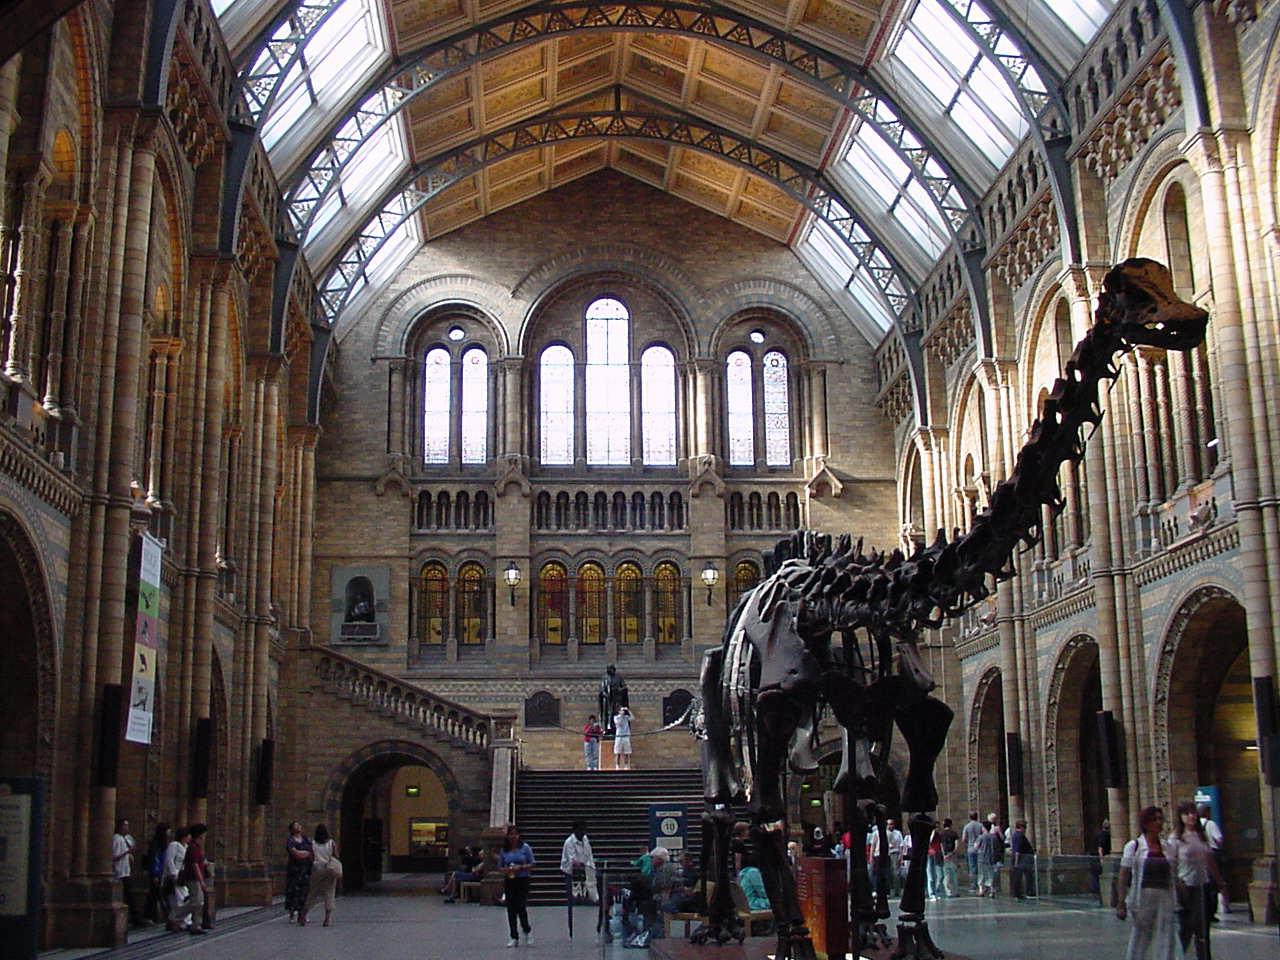 British Natural History Museum Highlights